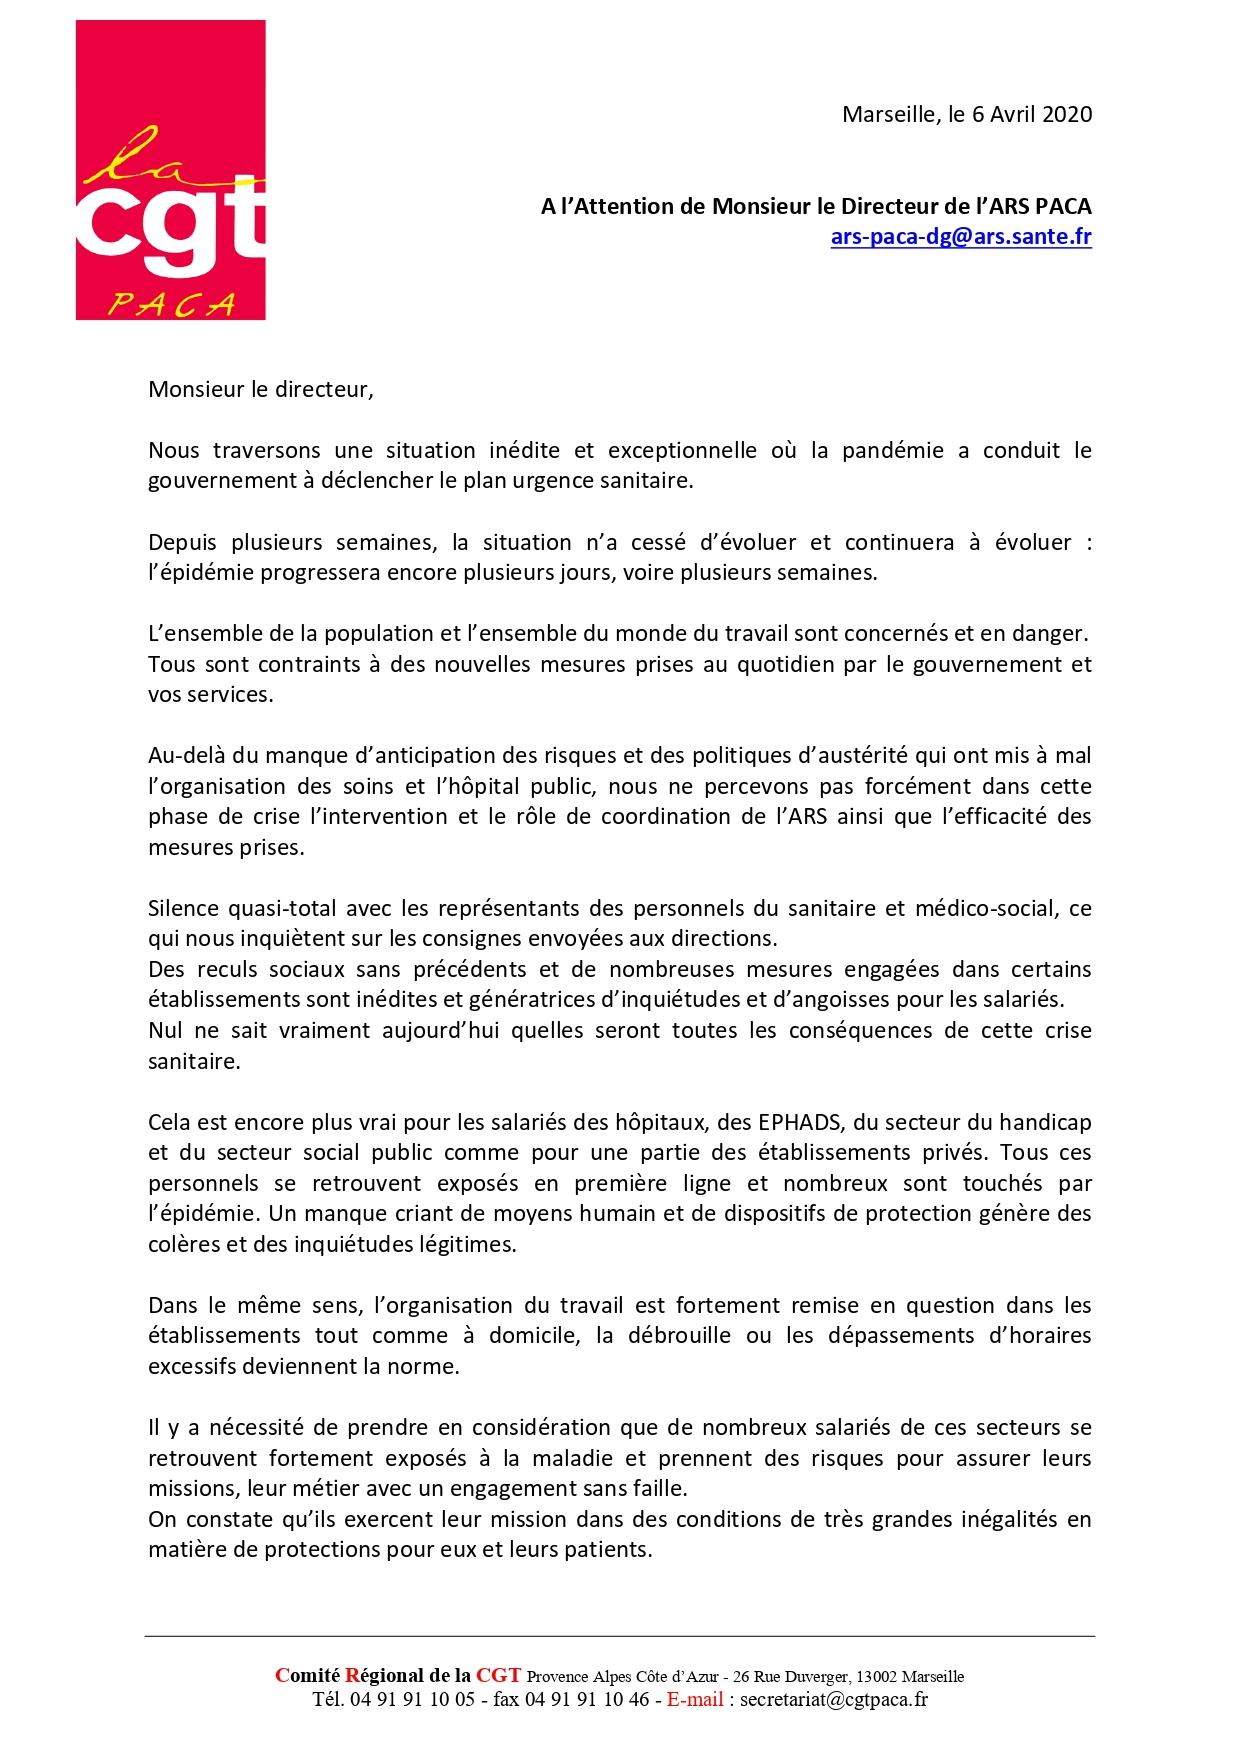 CGT. Un Hôpital Public Pourrait être Privatisé !FULL! 1252.-COURRIER-ARS-PACA-SITUATION-COVID-6-AVRIL-2020-_page-0001